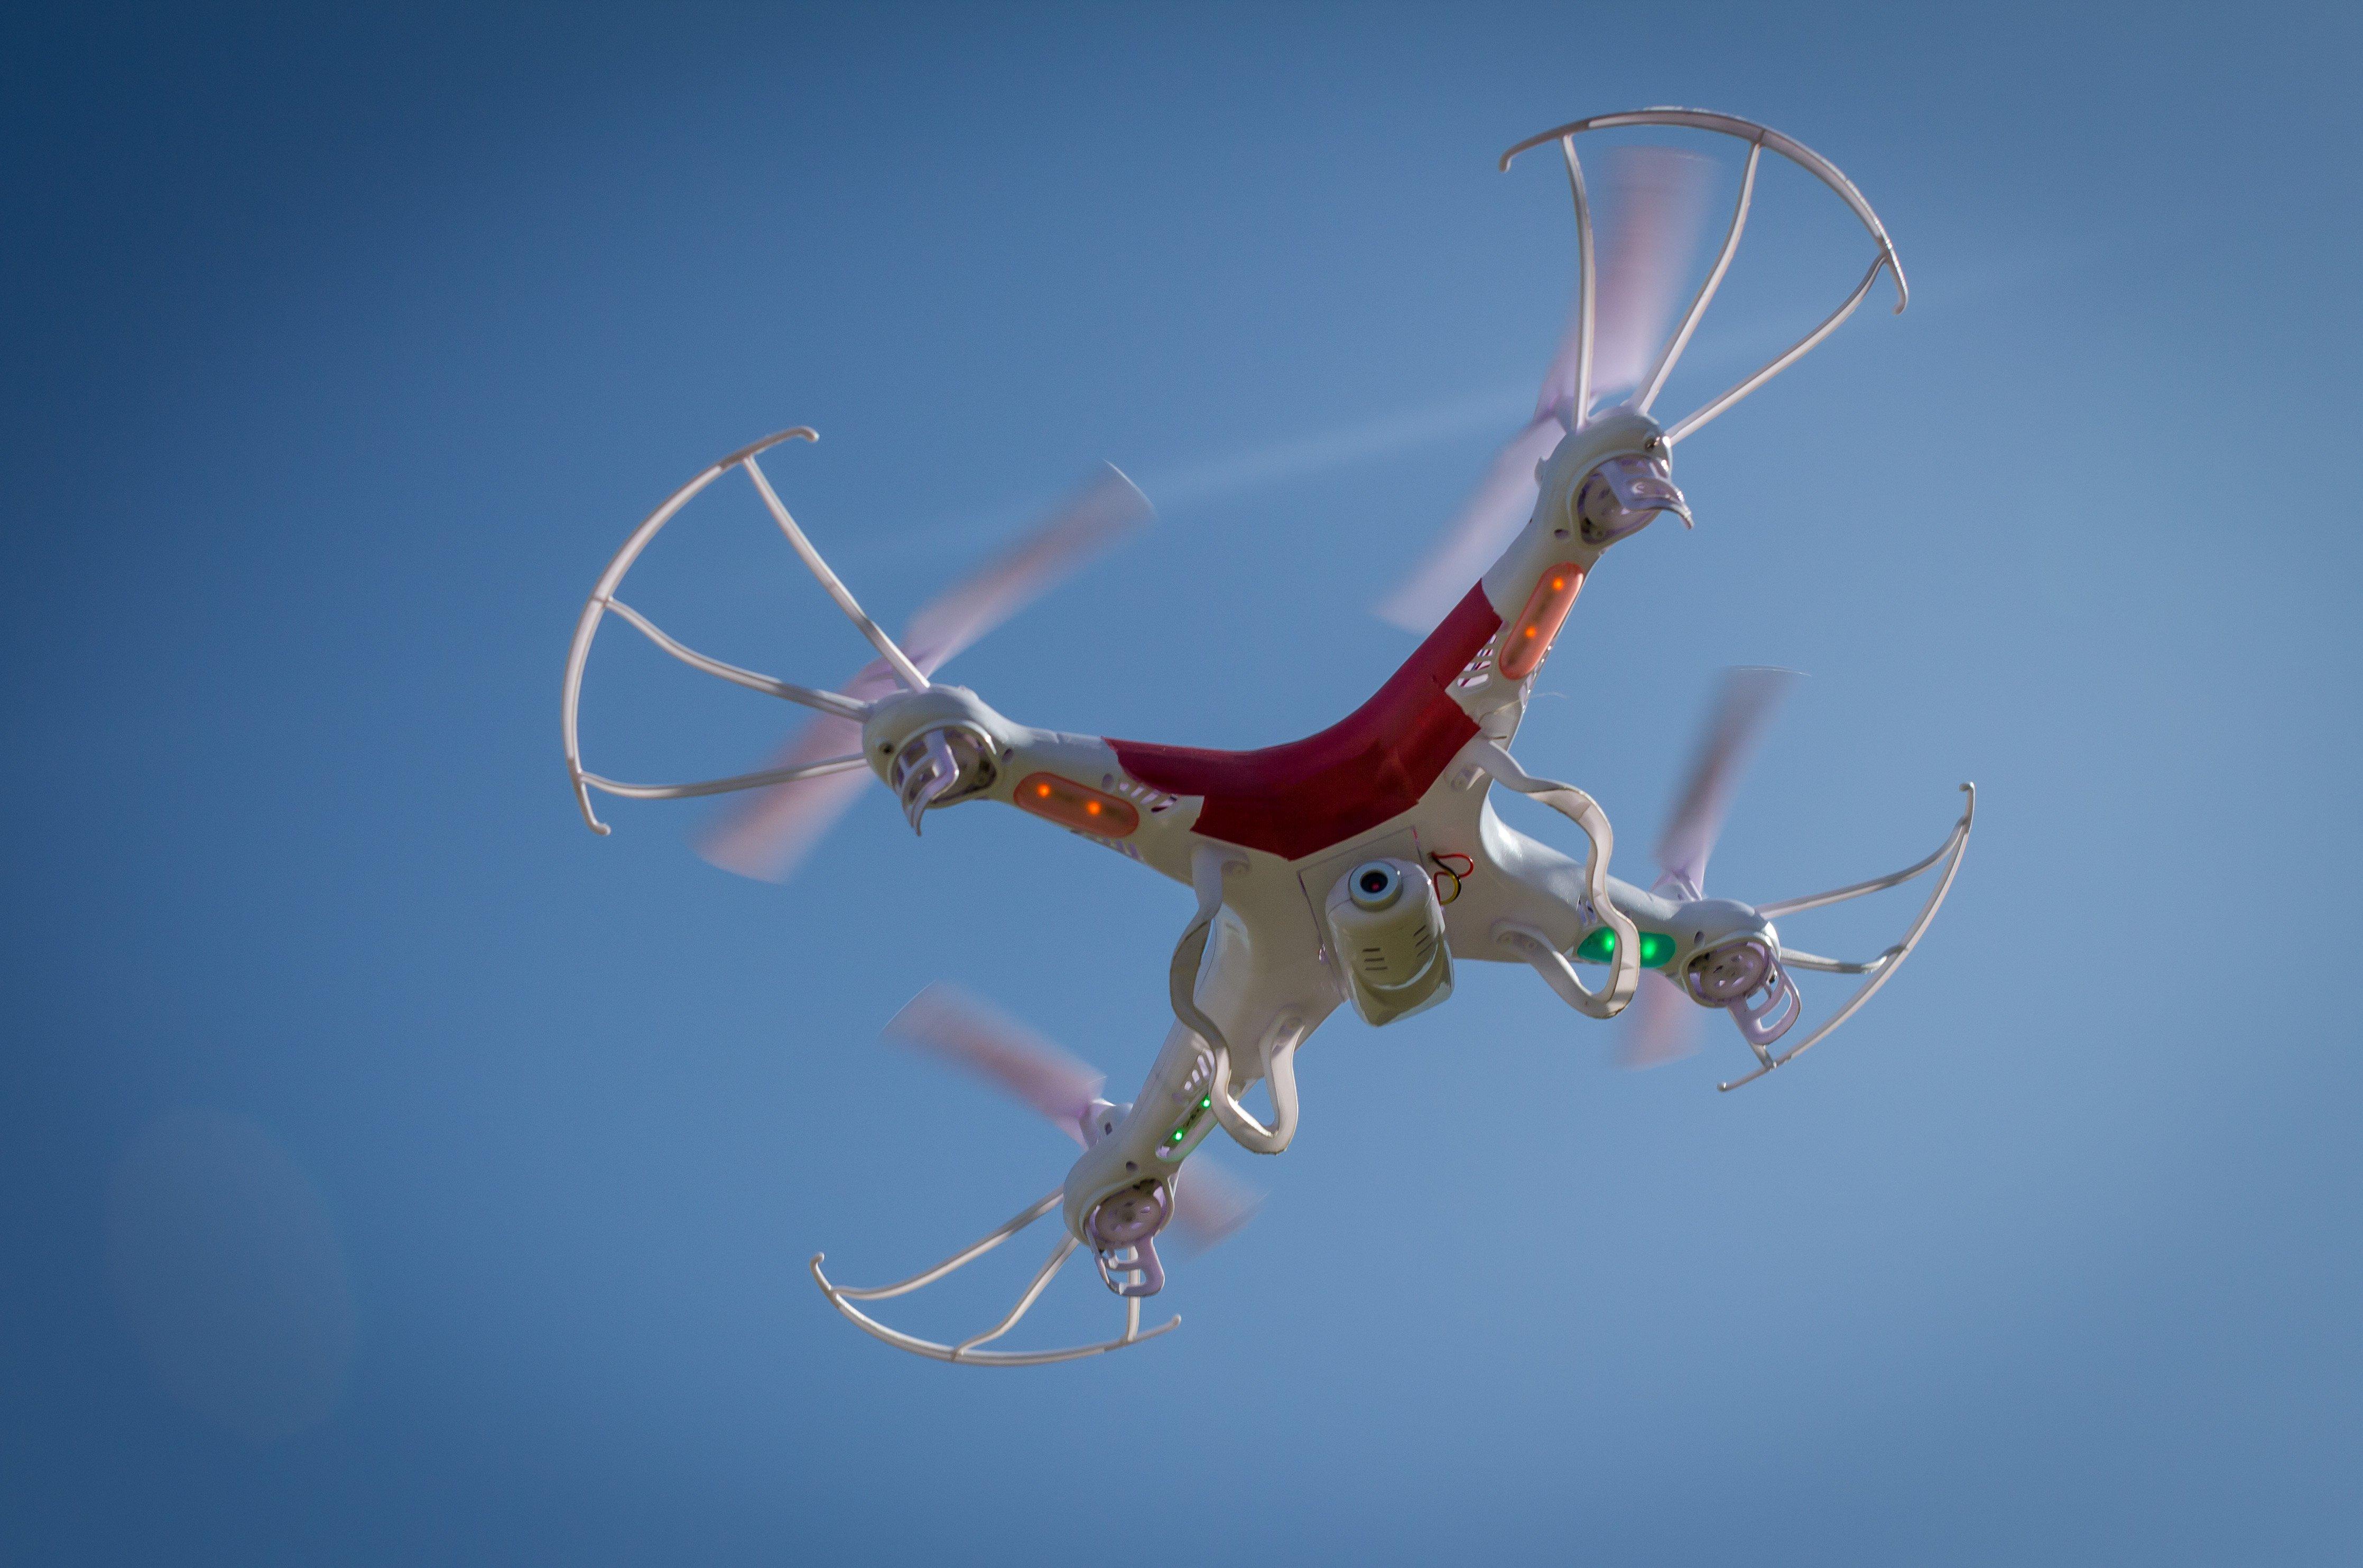 Žaidimai su dronais